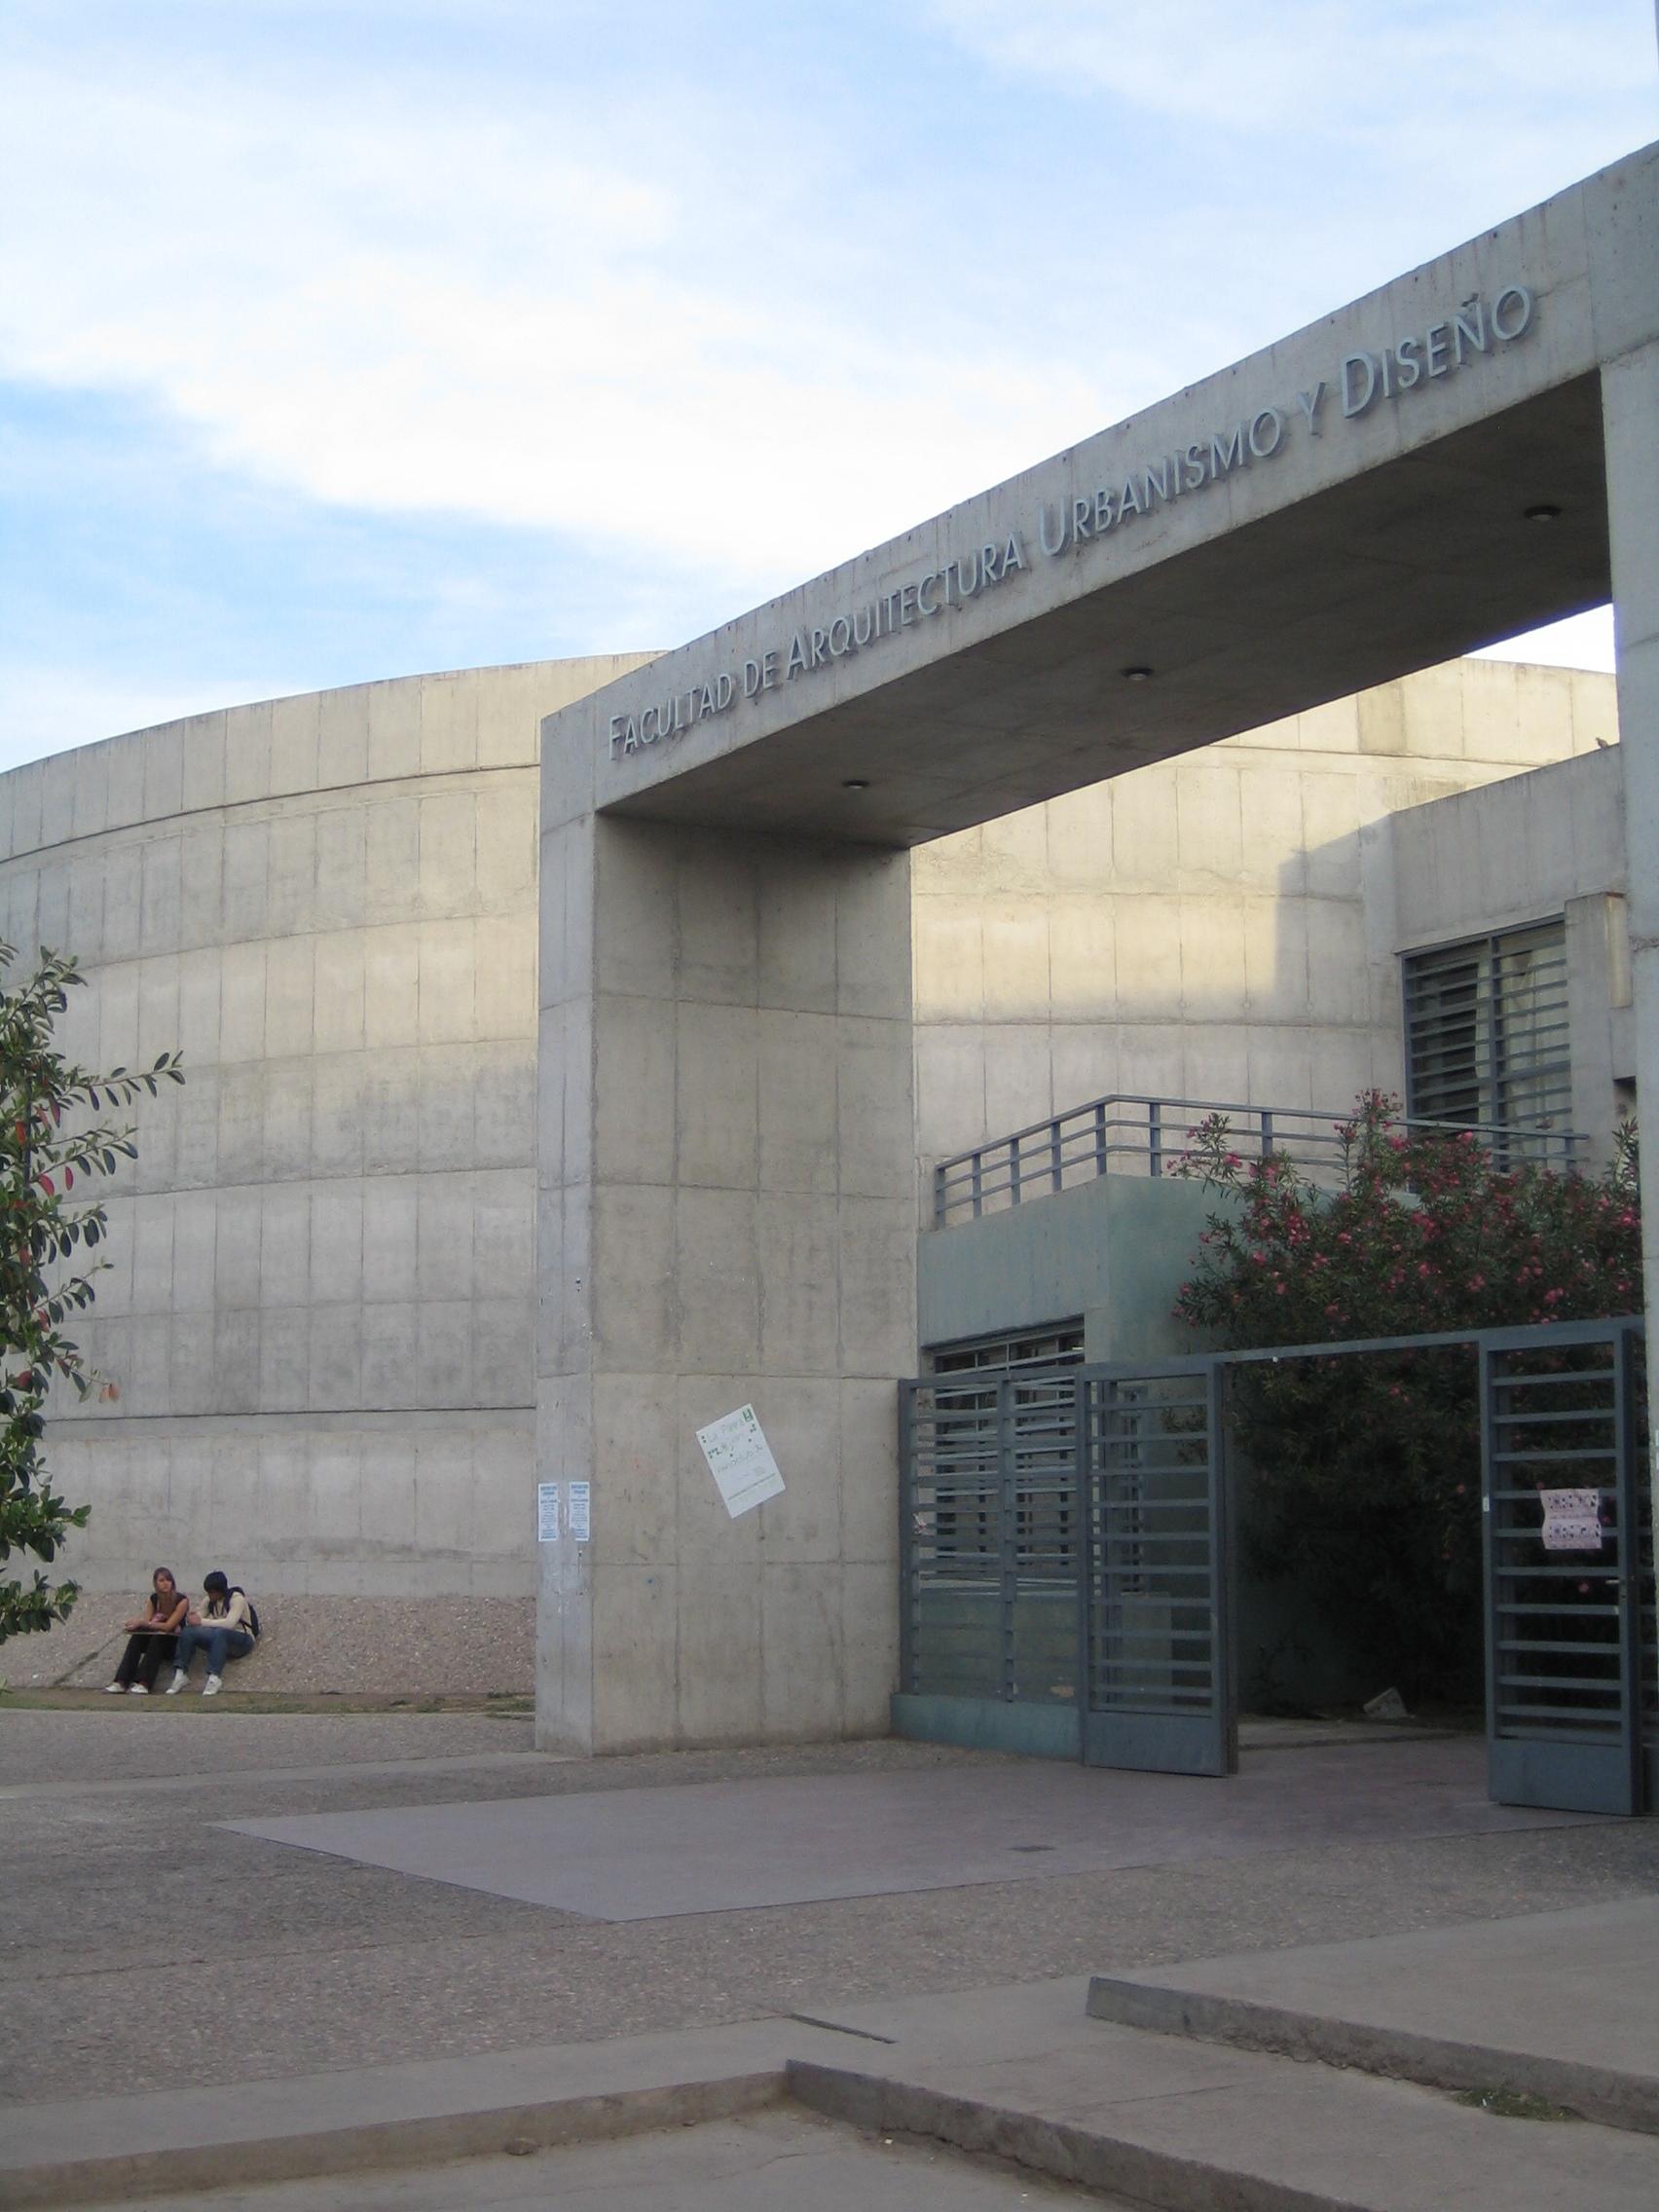 Facultad de arquitectura urbanismo y dise o universidad for Universidades para arquitectura